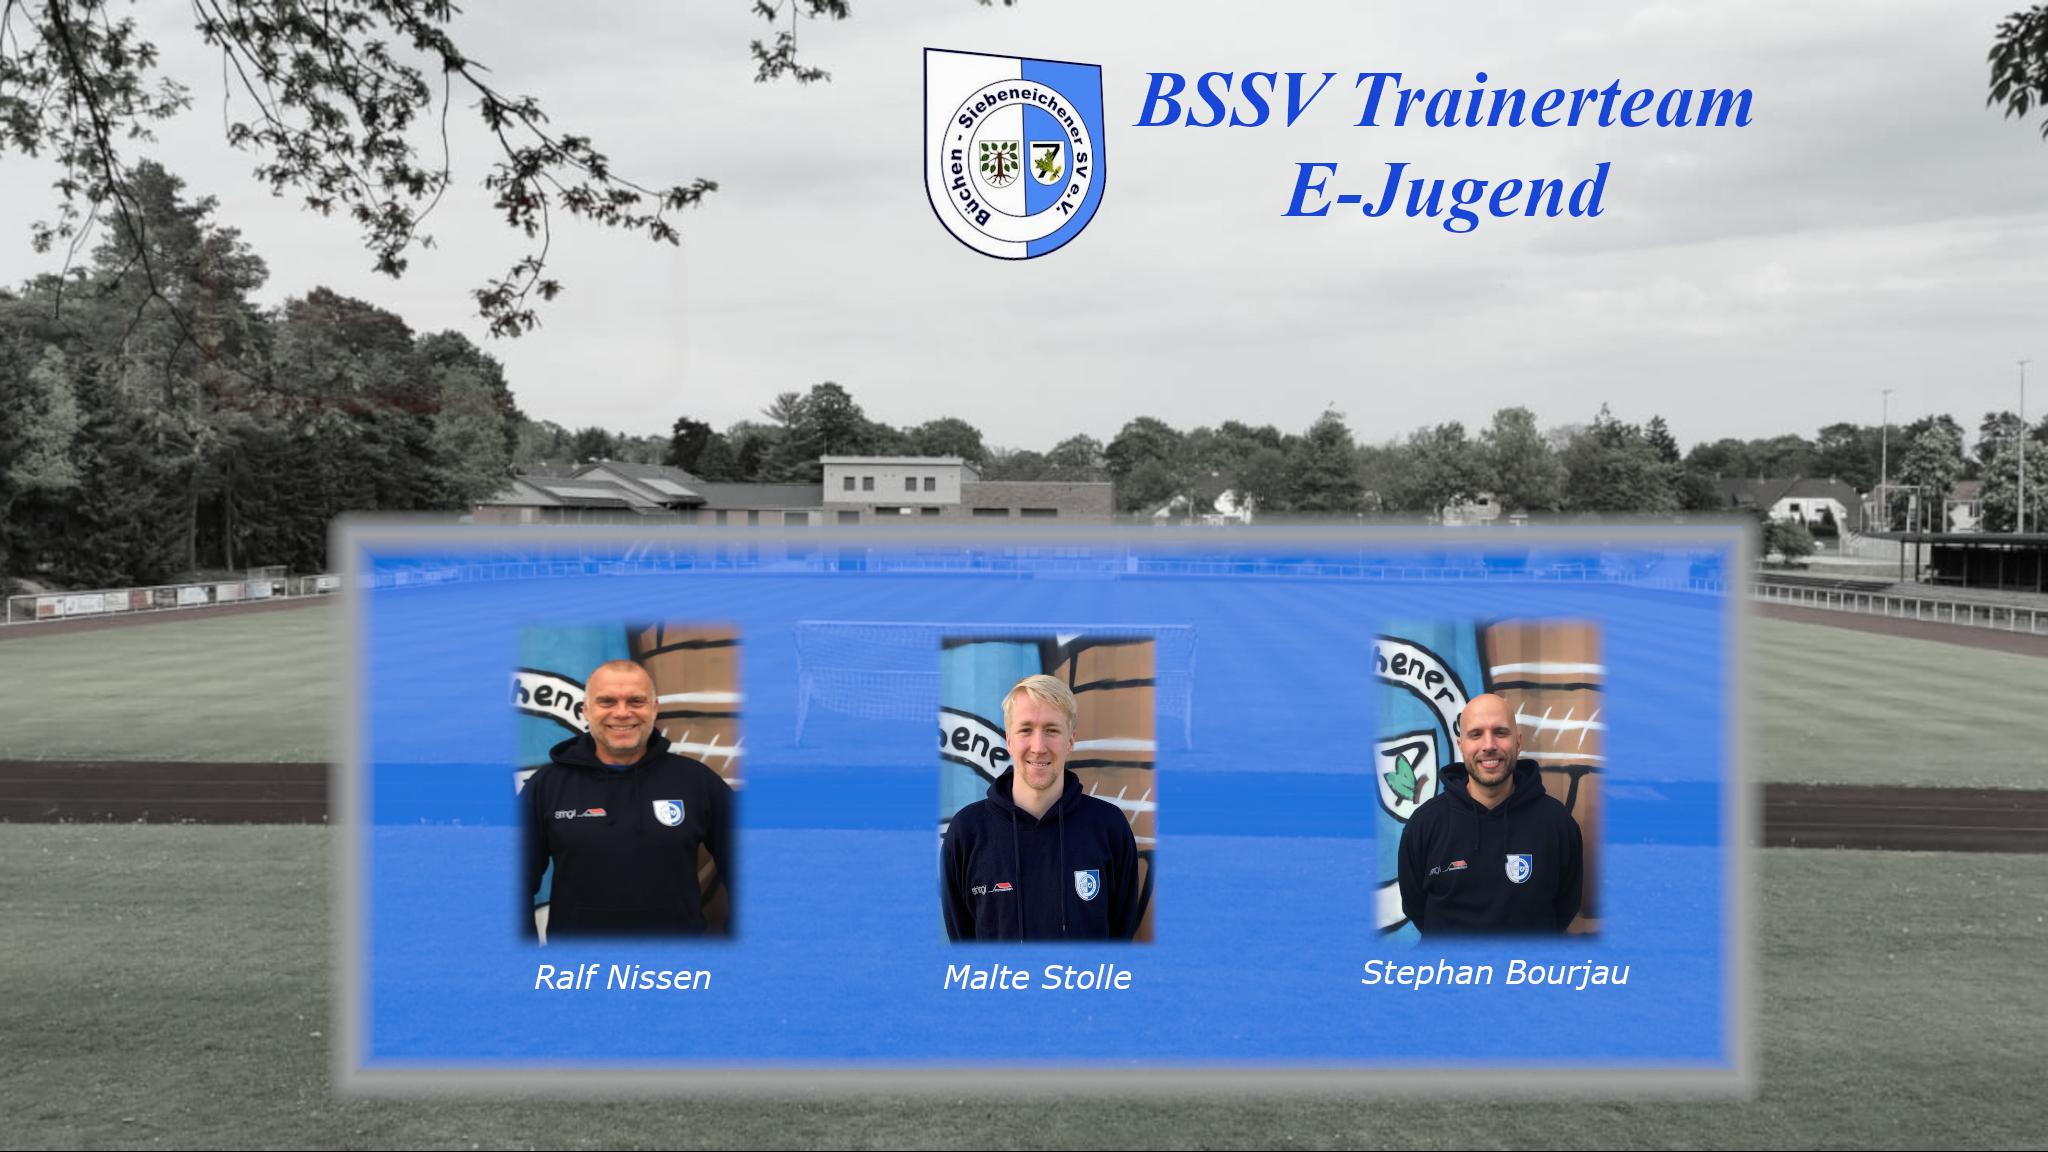 Das Trainerteam der E-Jugend des BSSVs